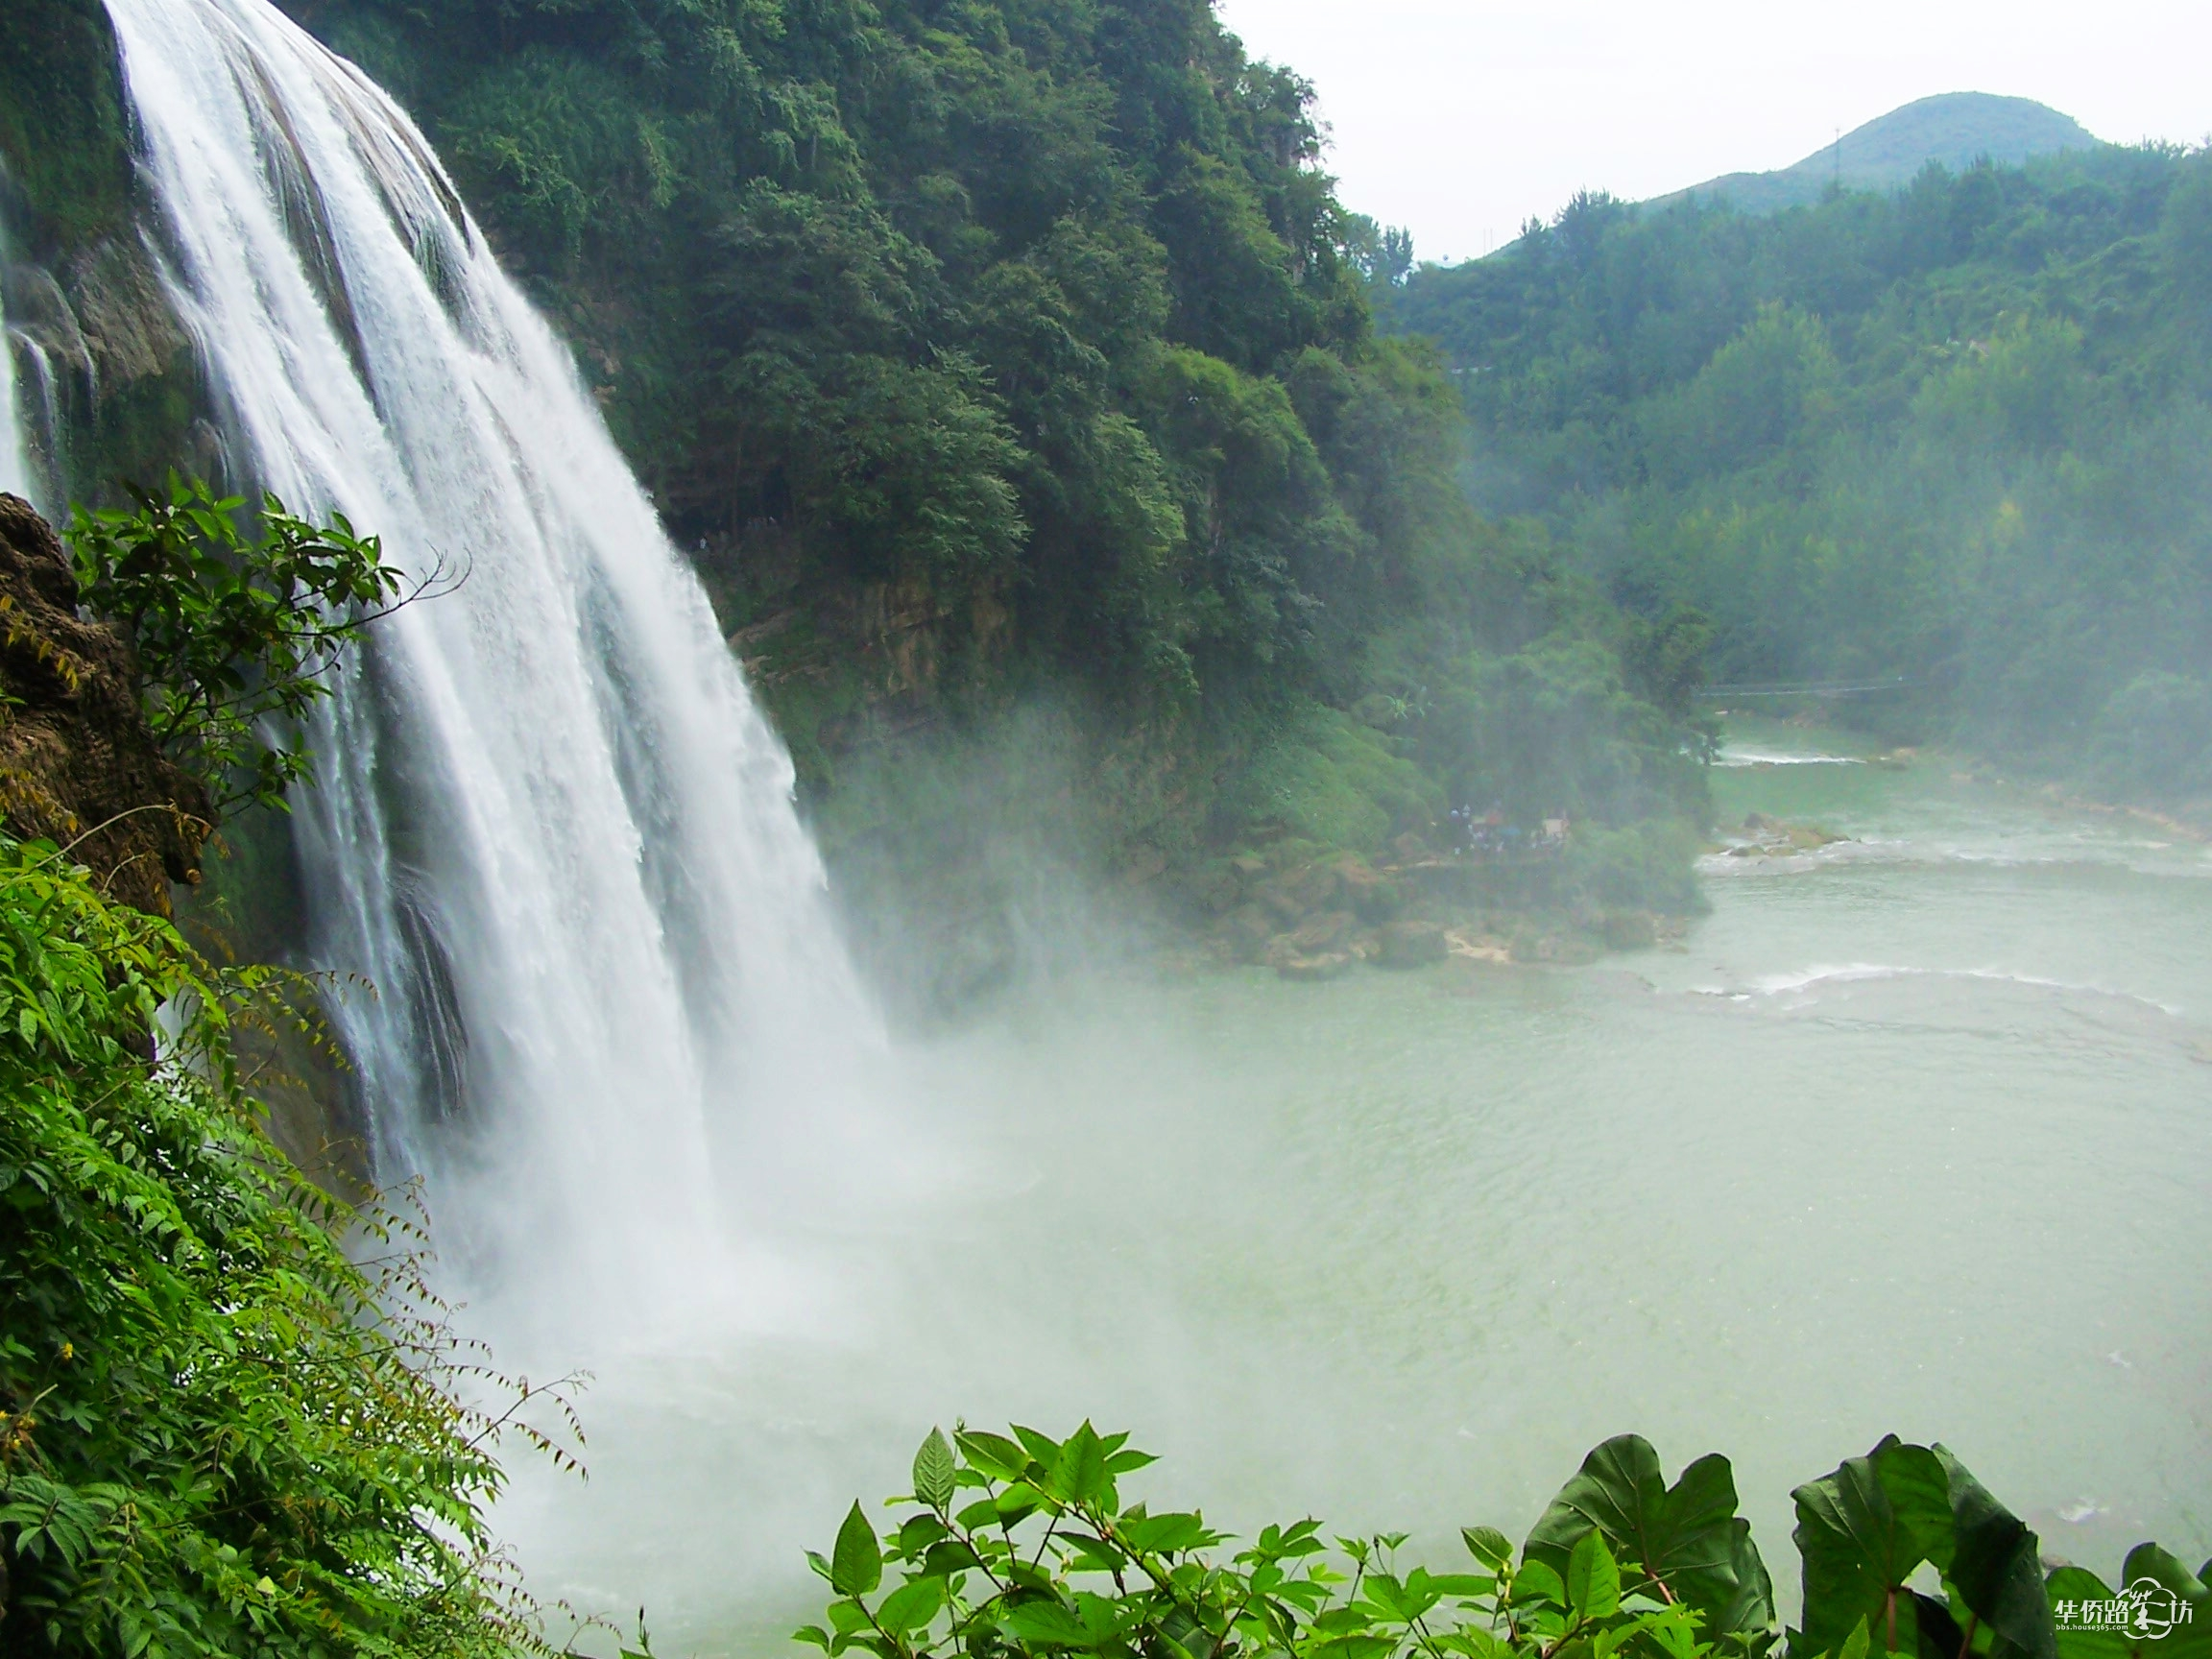 大自然的神奇----黄果树瀑布